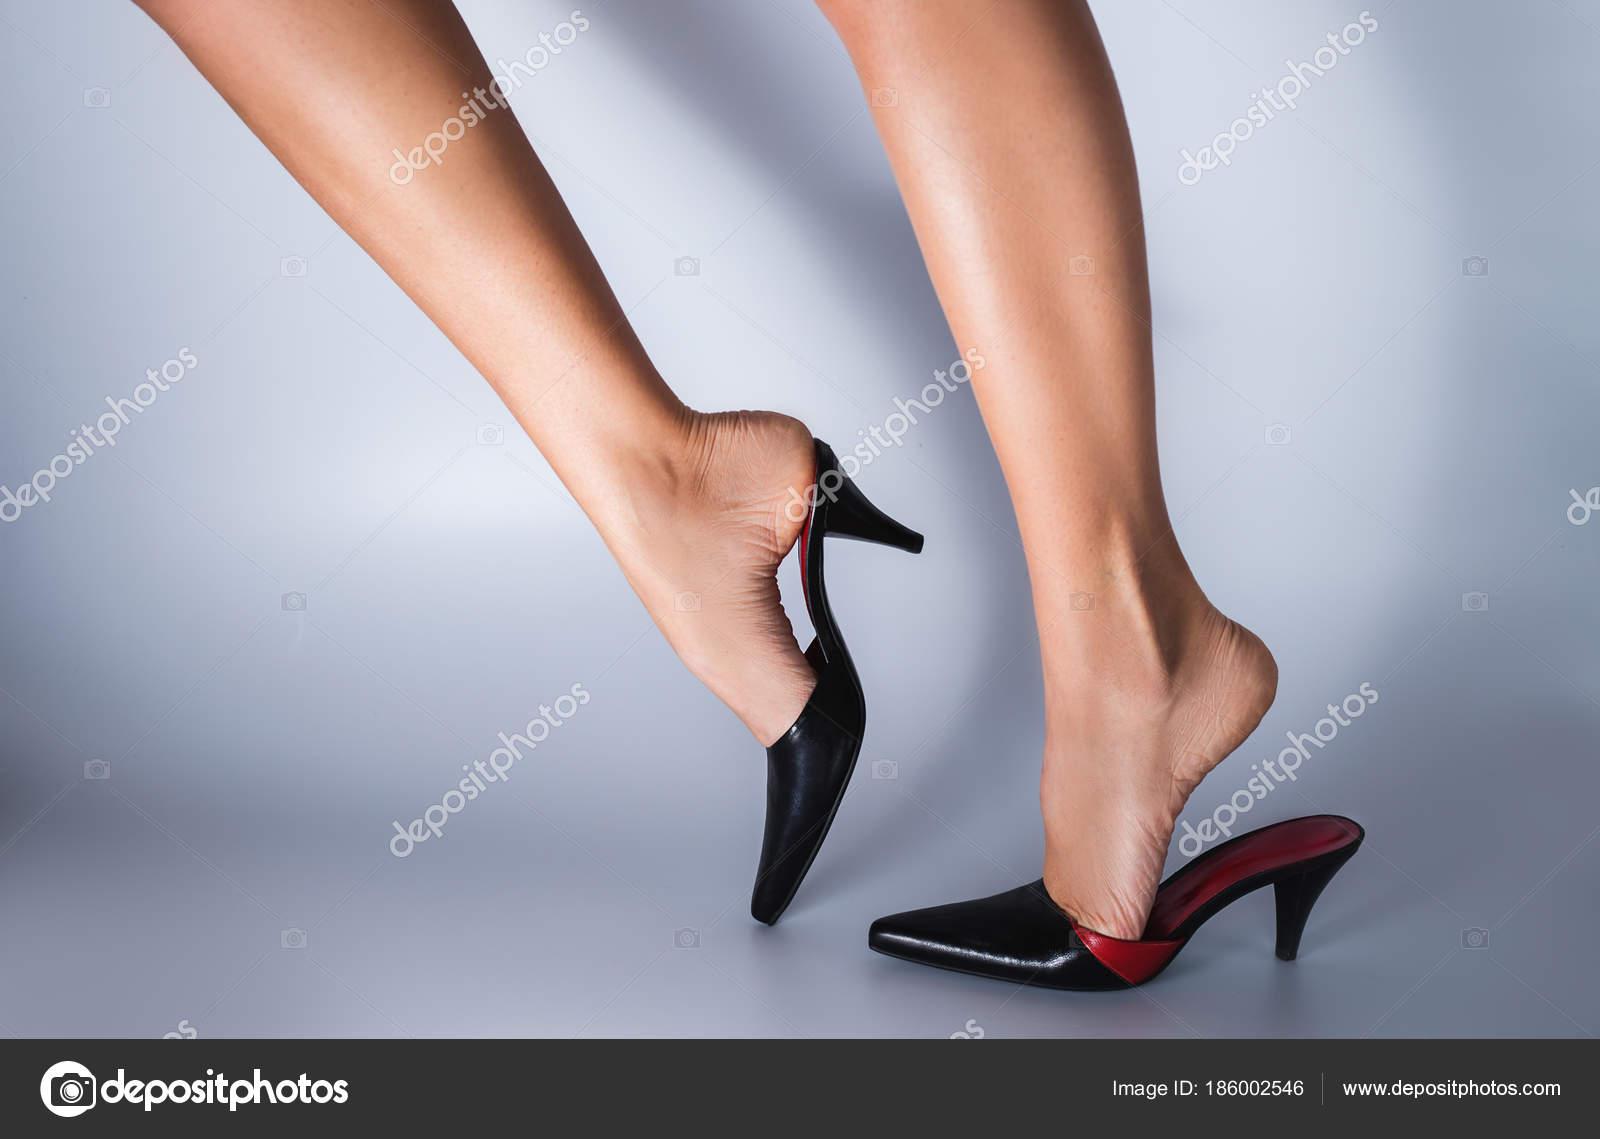 σέξι μαύρο γυναικεία πόδια